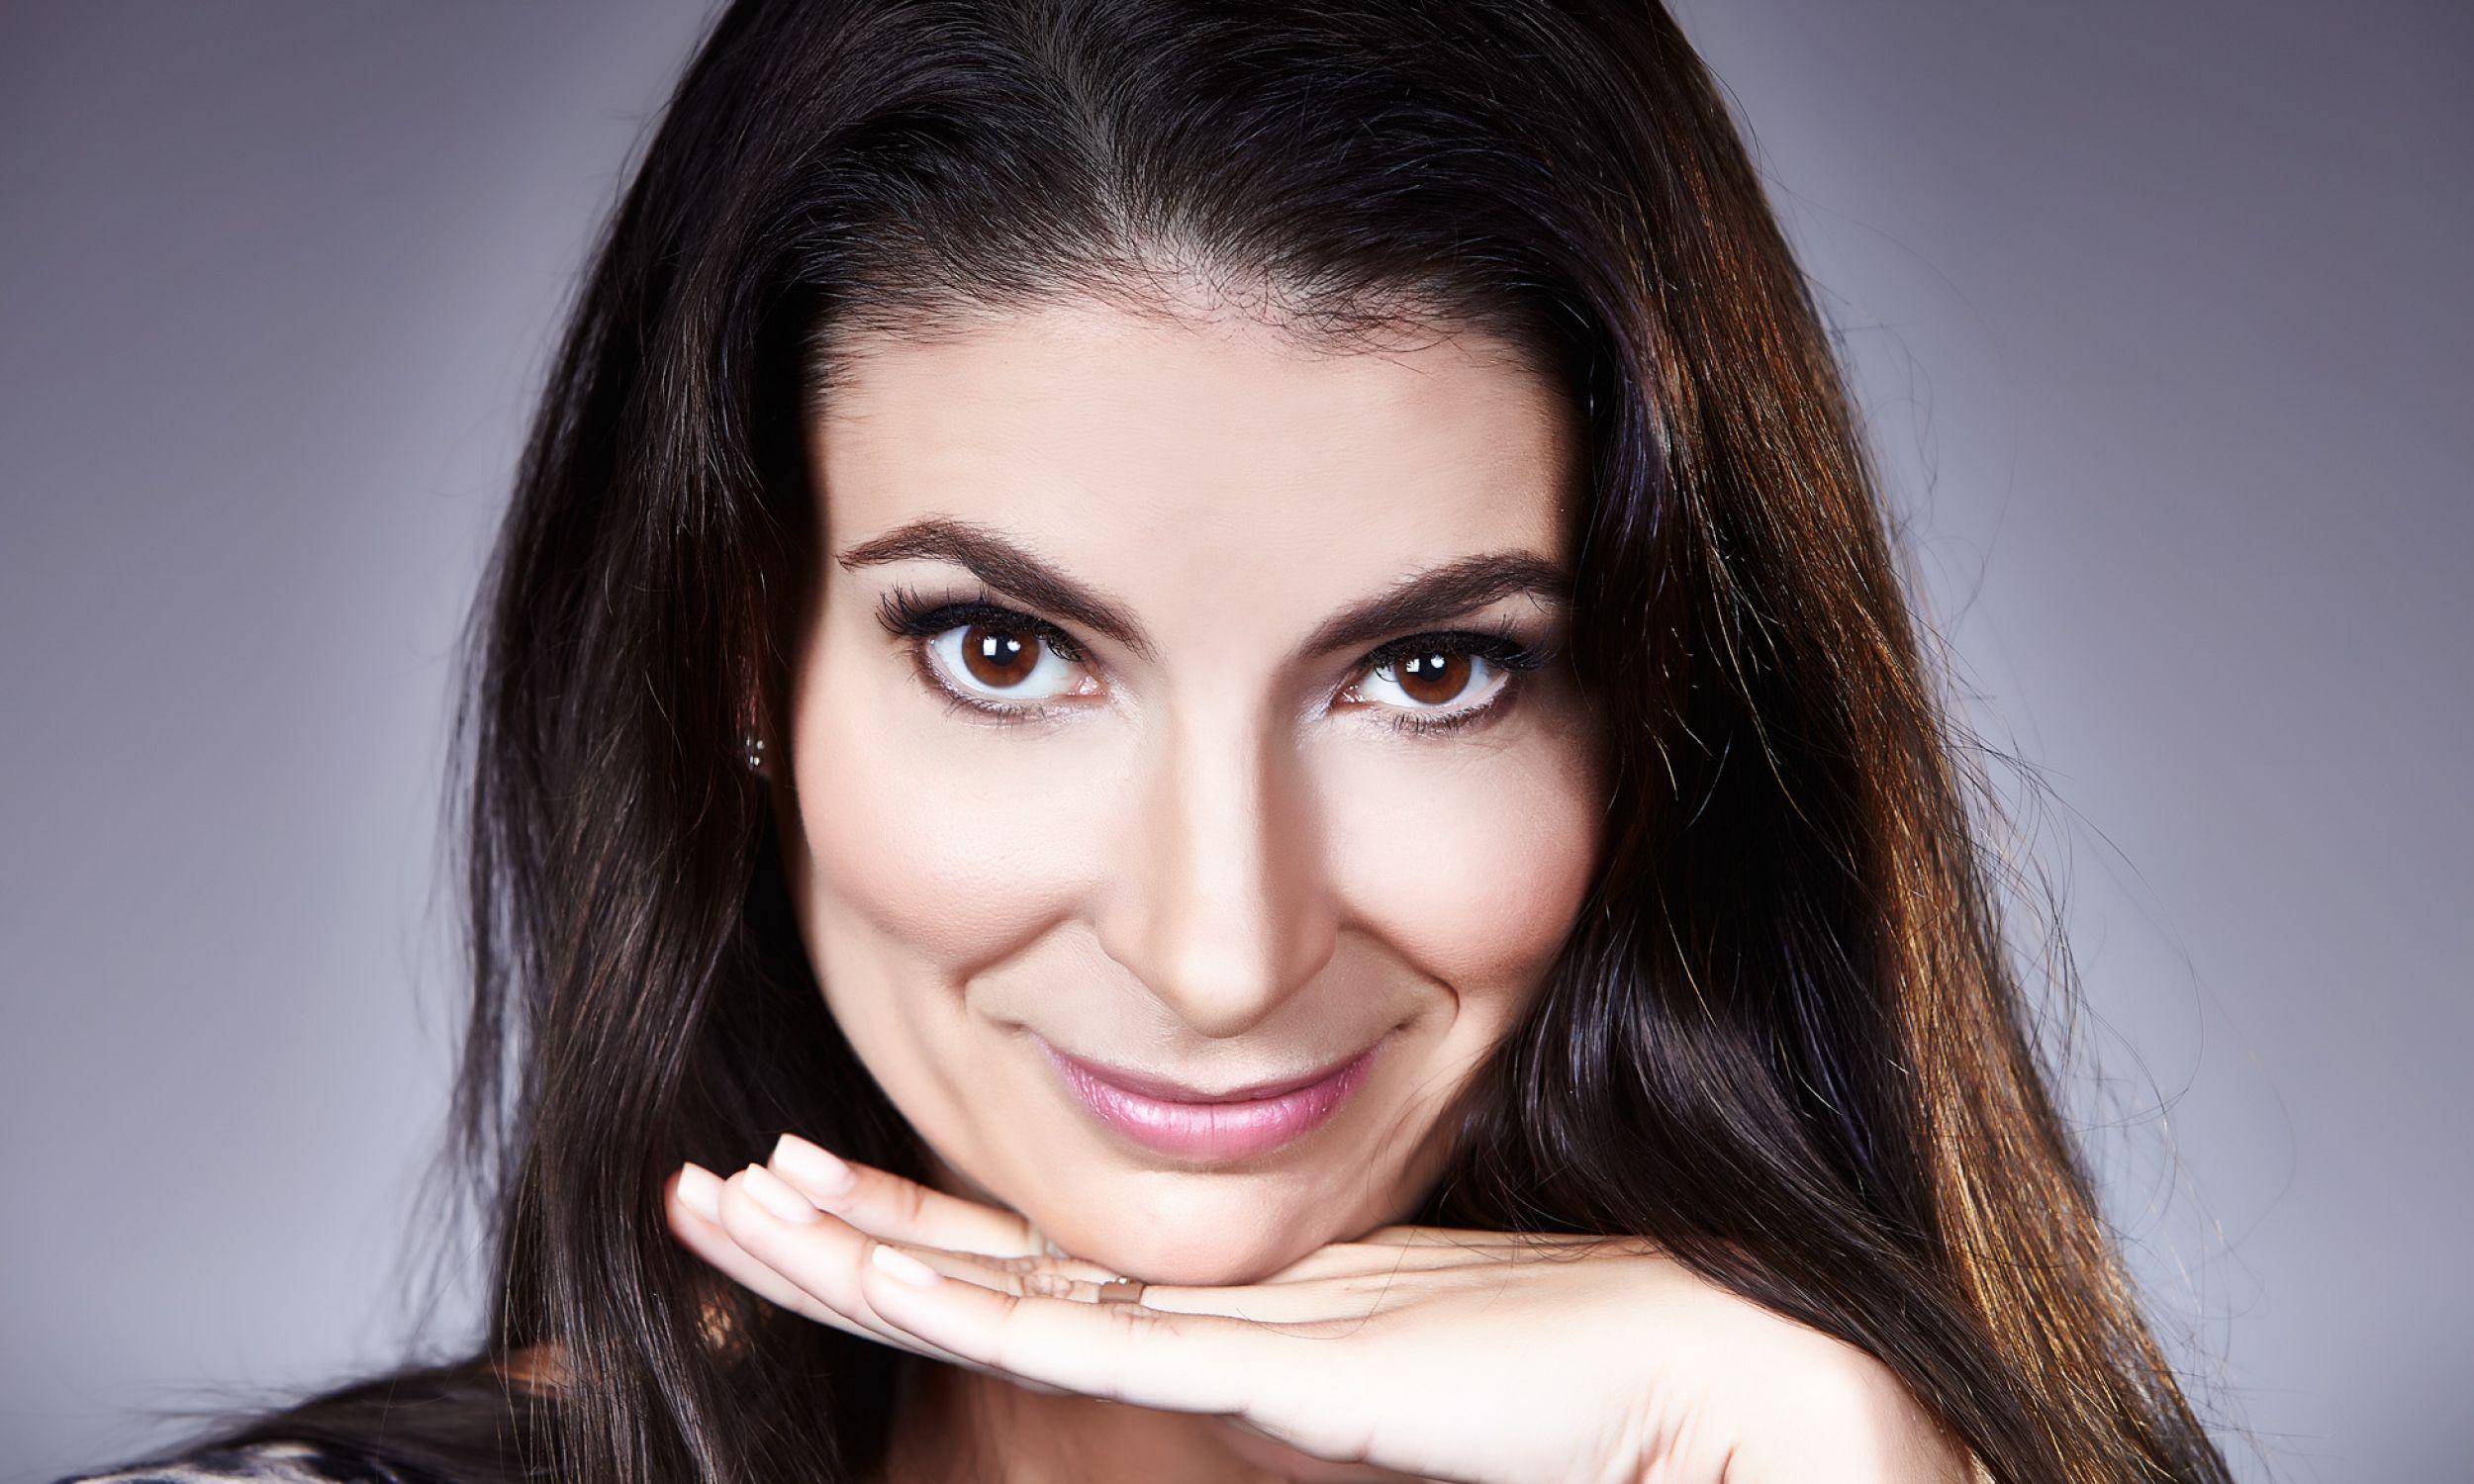 Ałbena Grabowska jest dwujęzyczna, wychowana w dwóch kulturach - polskiej i bułgarskiej. Fot. Miro Bestecki, archiwum prywatne AG